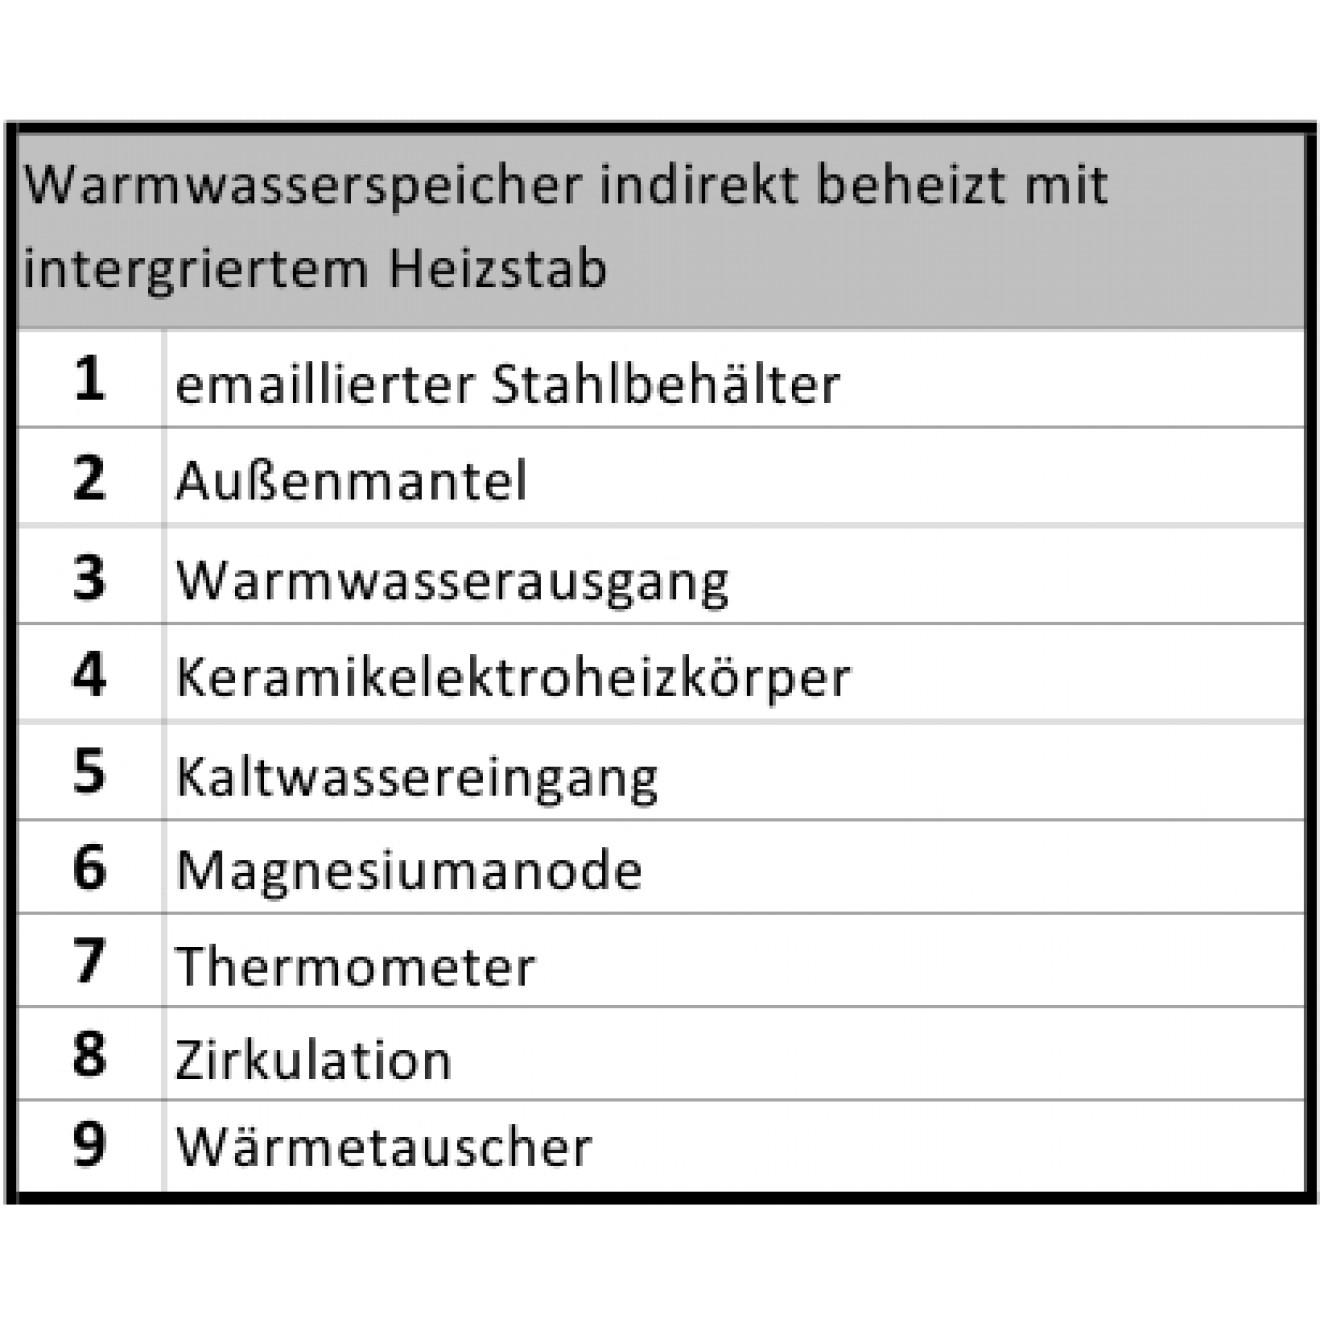 Charmant Direkter Oder Indirekter Warmwasserspeicher Bilder - Die ...